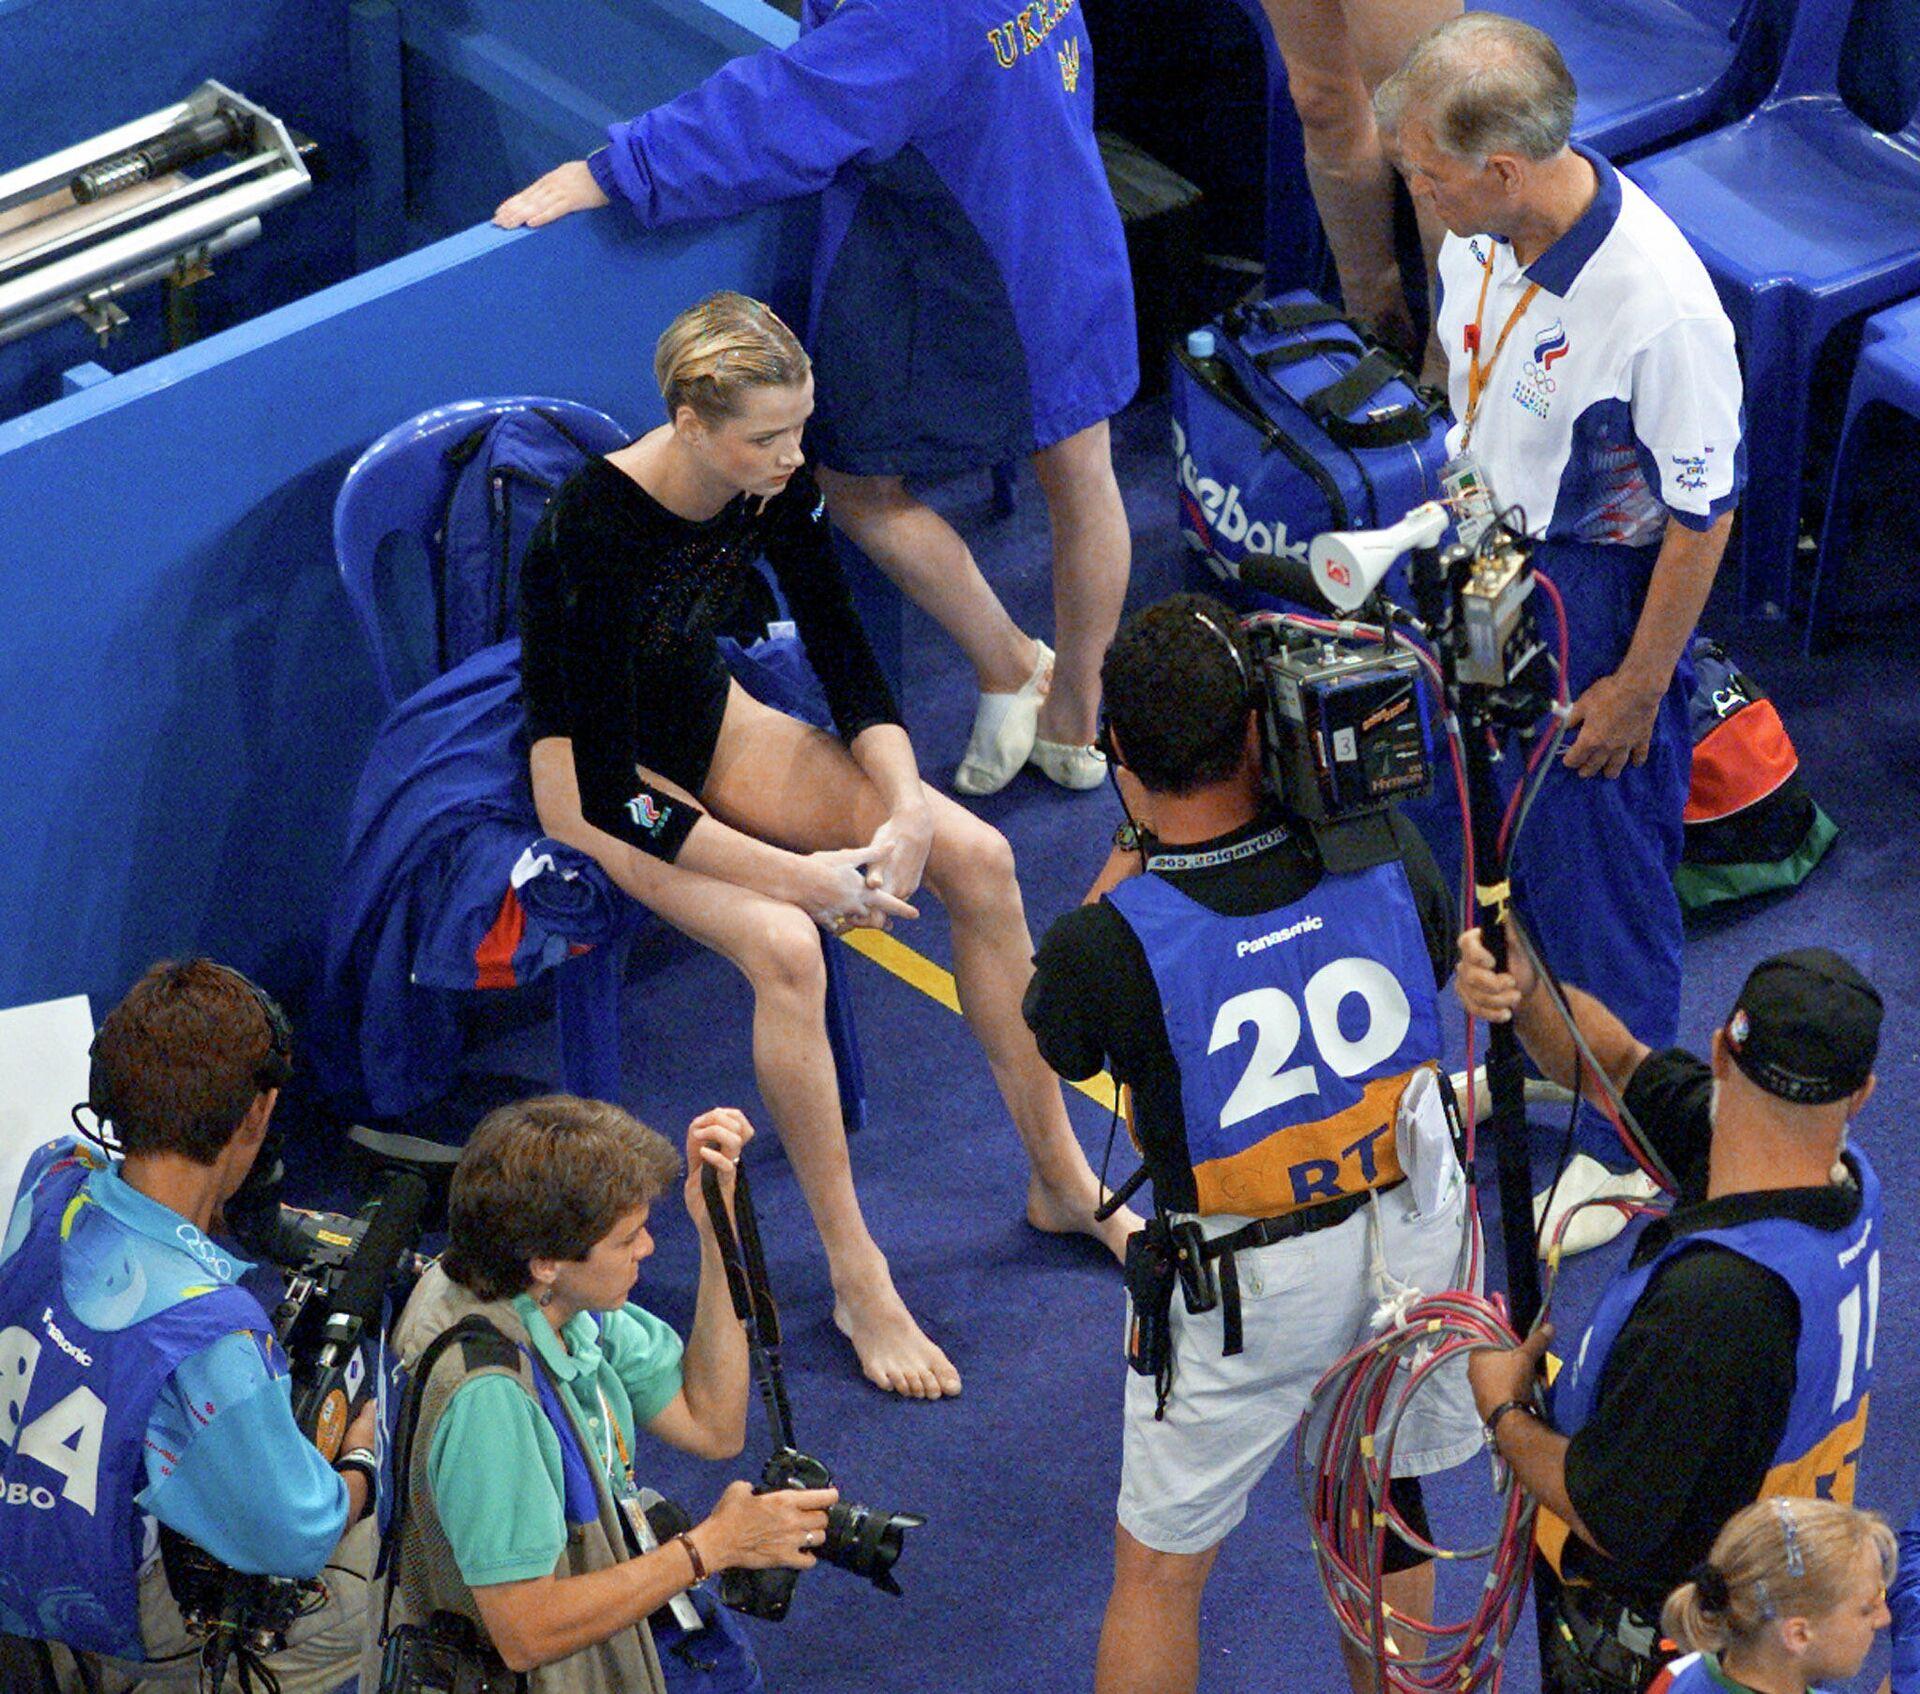 Российская гимнастка Светлана Хоркина на Олимпиаде-2000 в Сиднее - РИА Новости, 1920, 30.07.2021